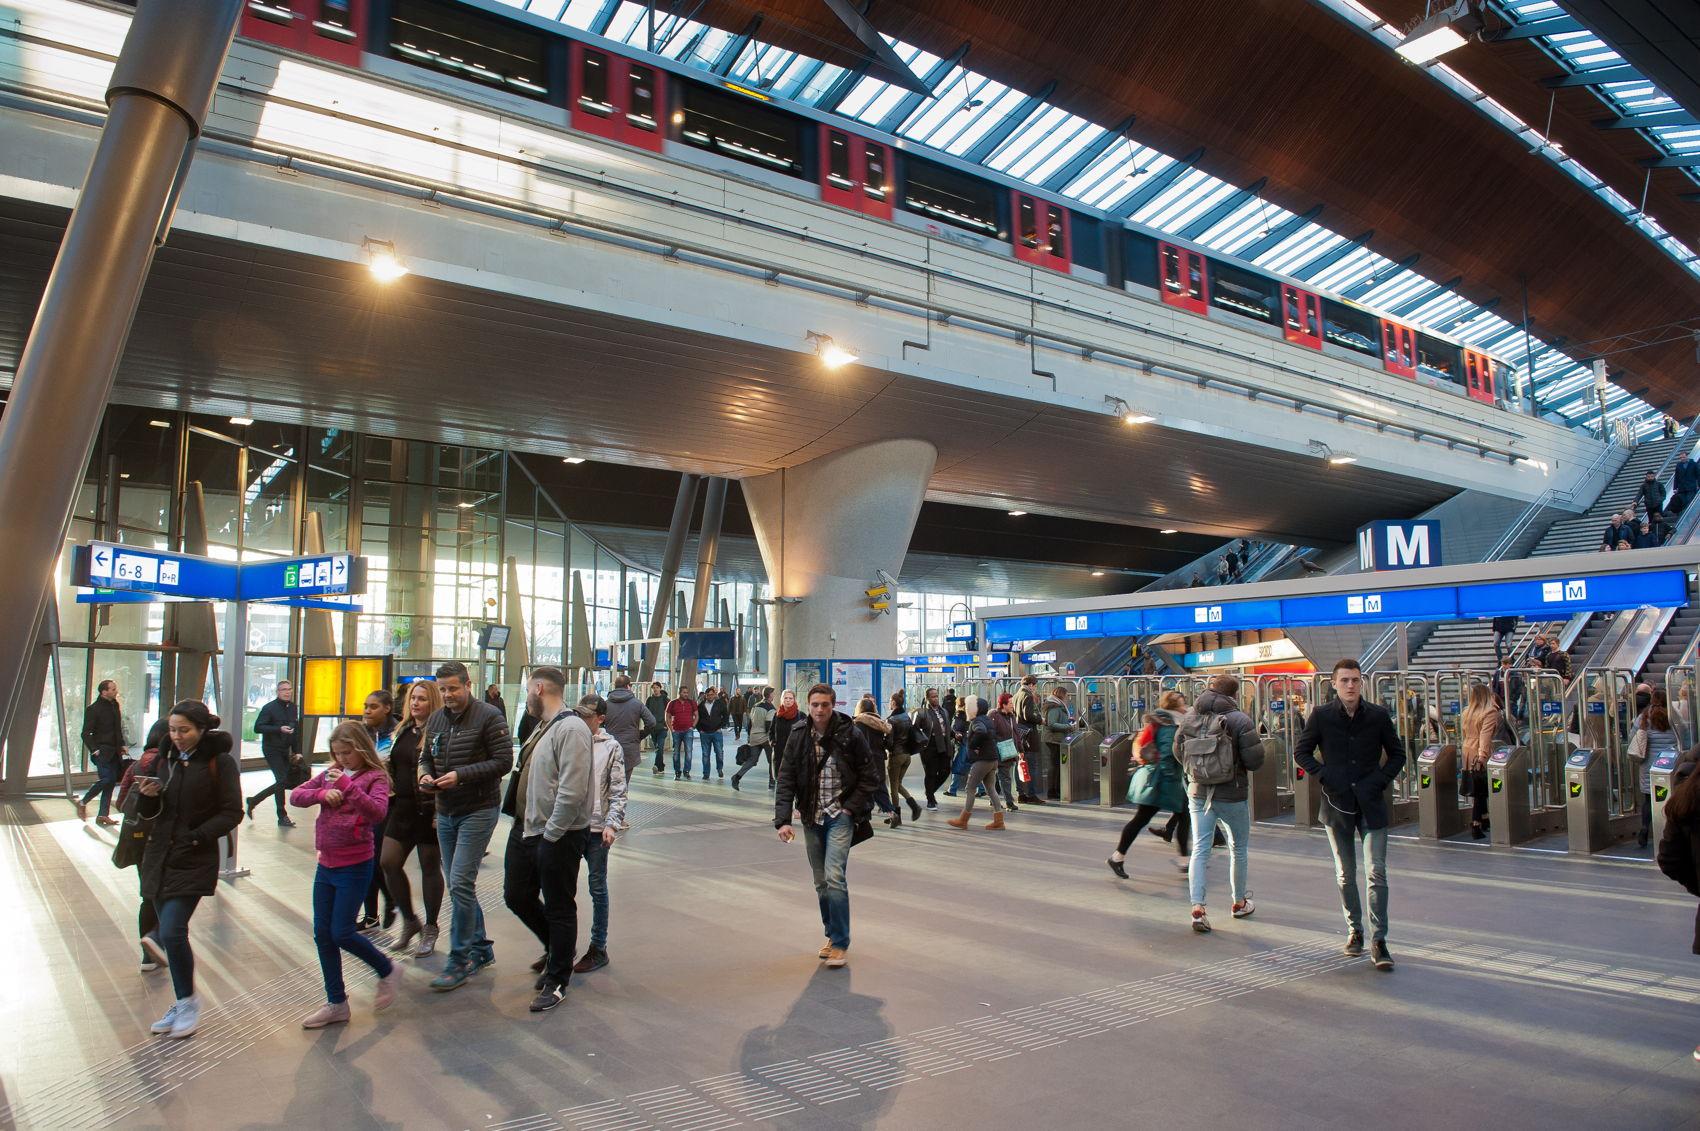 station bijlmer arena-7476